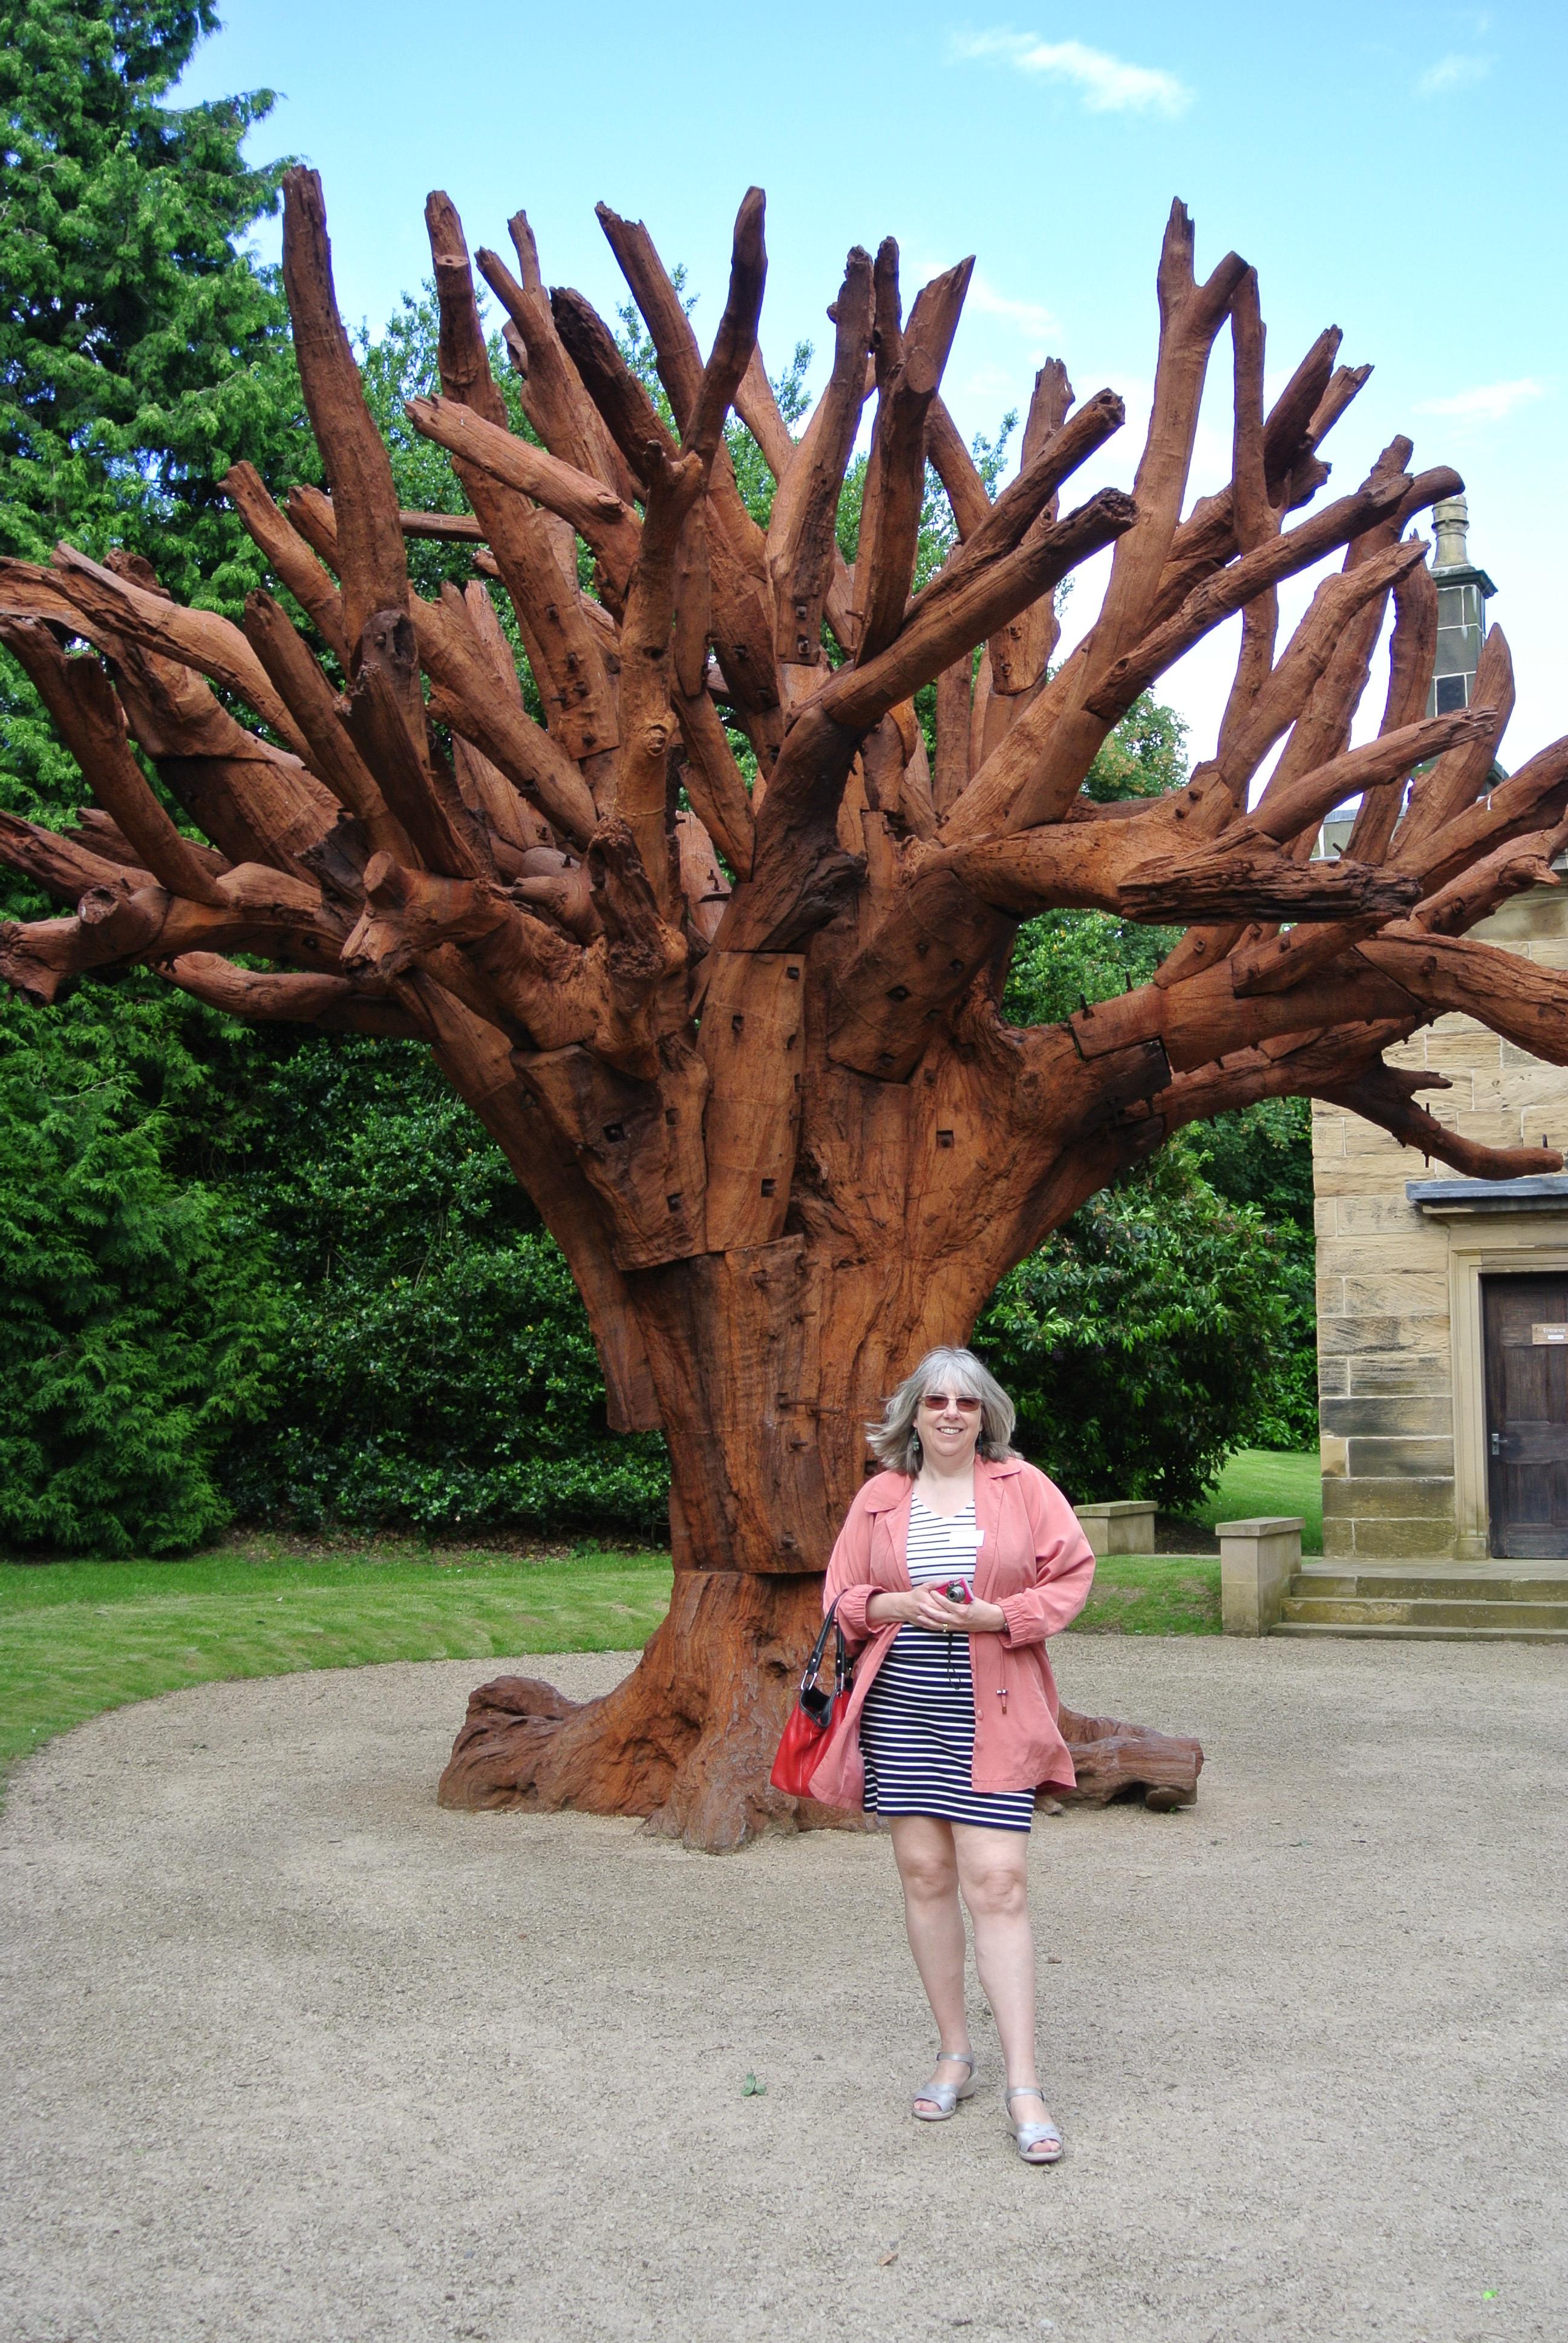 Ai Weiwei: Iron Tree - photo by Juliamaud